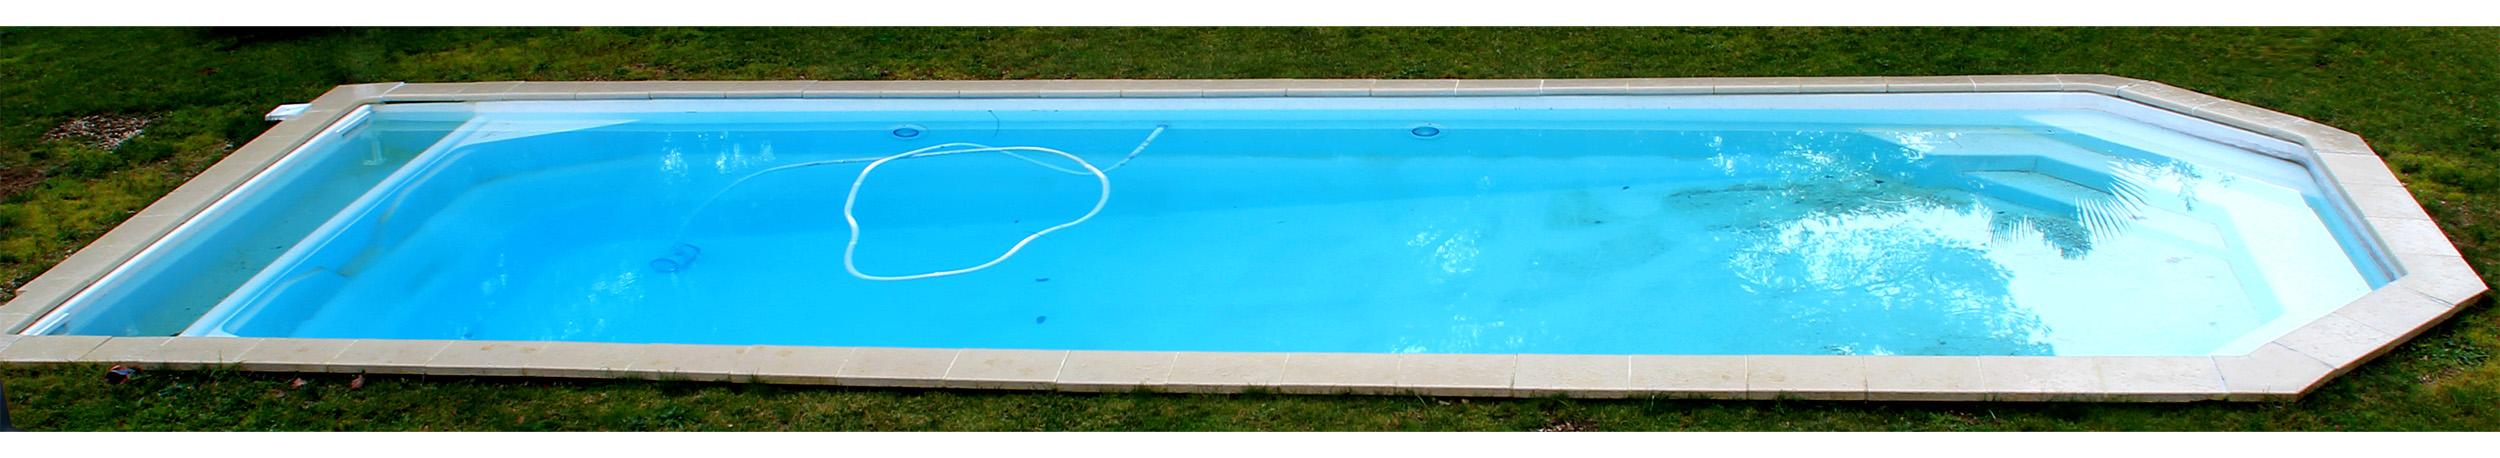 coque piscine 12m